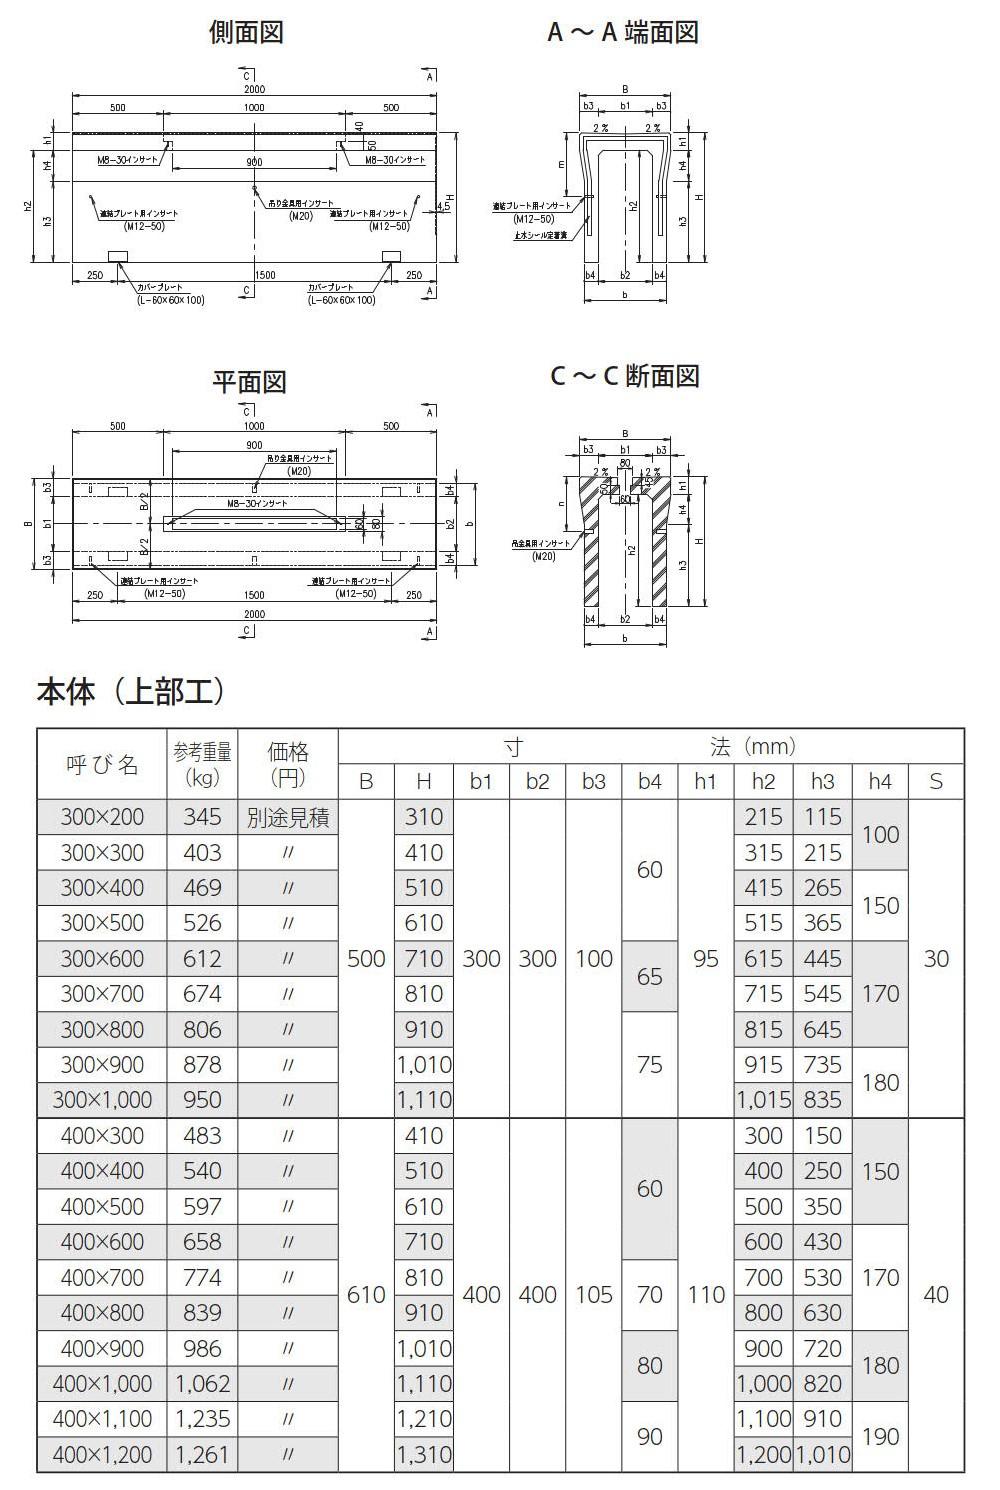 オリジナル側溝|AV側溝 外形寸法 0